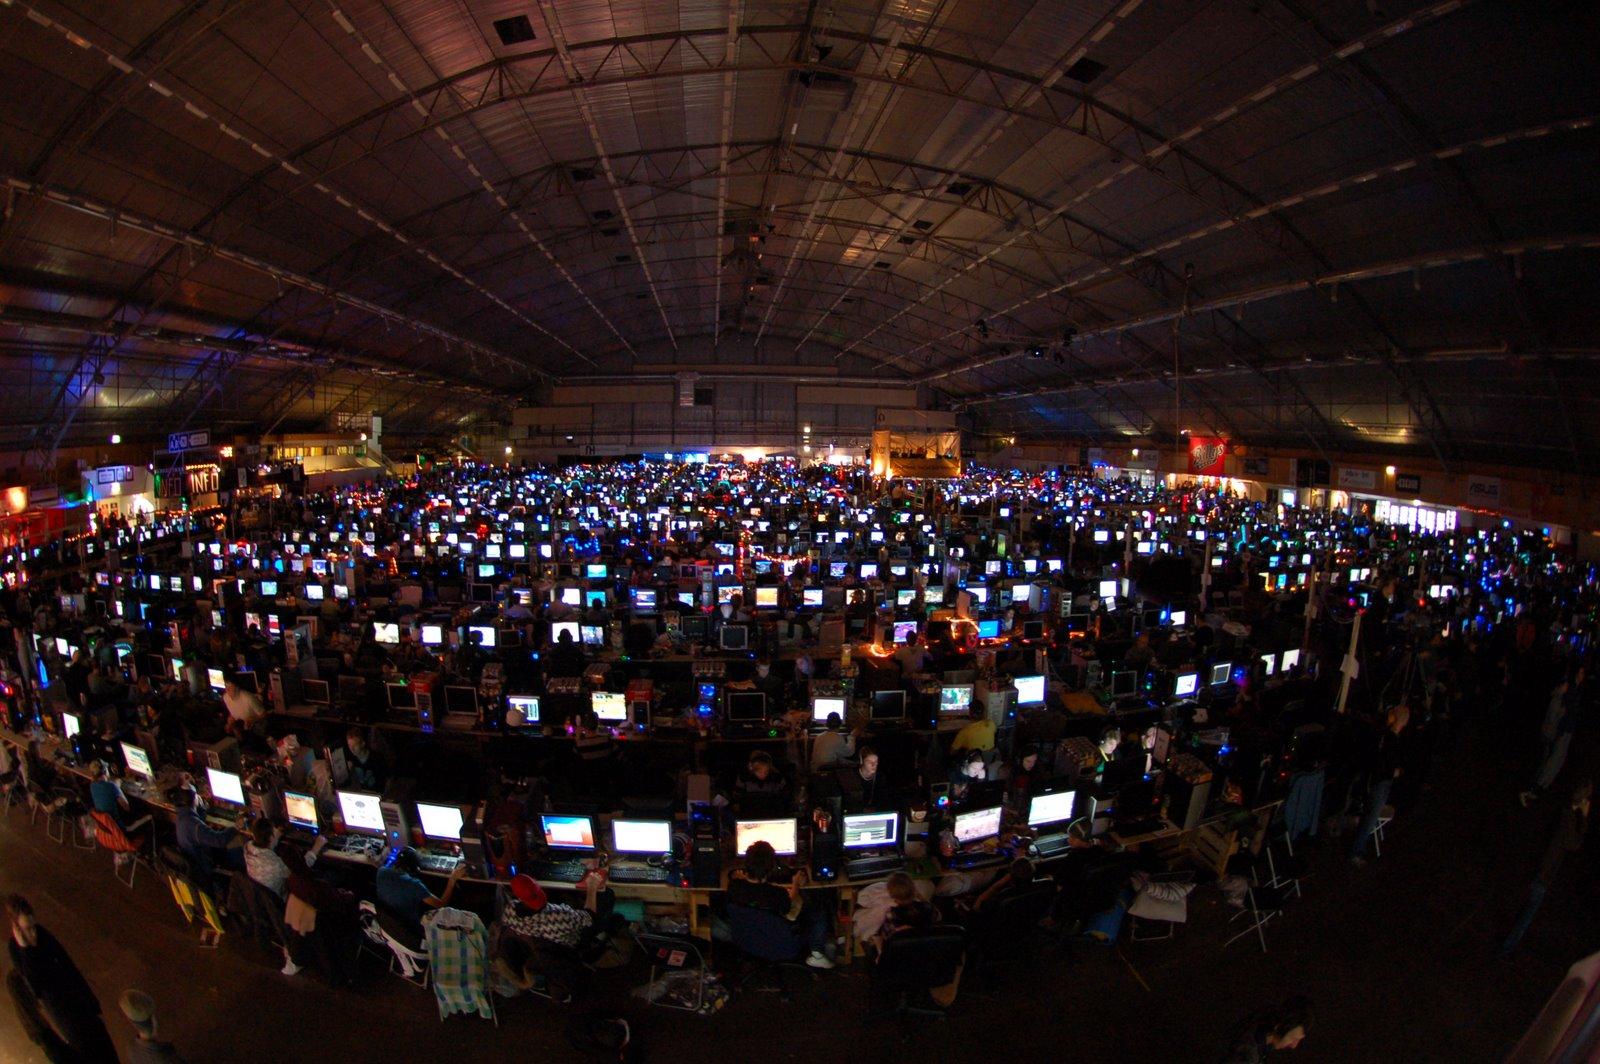 DreamHack LAN Event